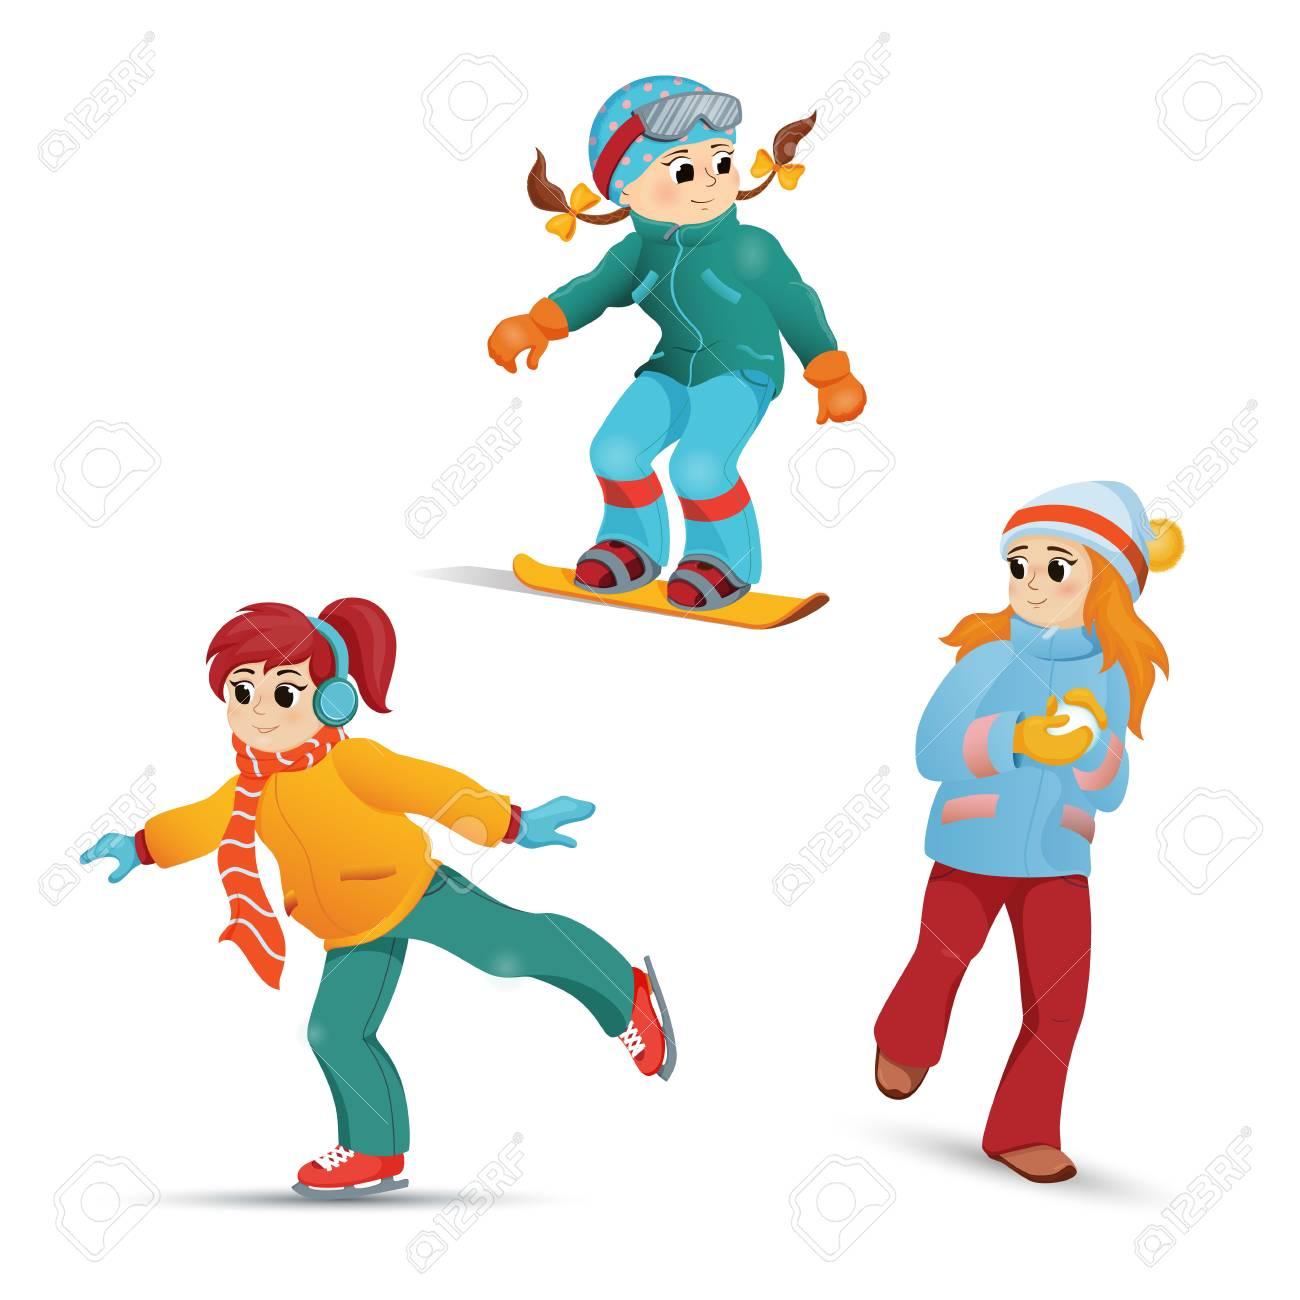 girls having fun in winter ice skating snowboarding playing rh 123rf com